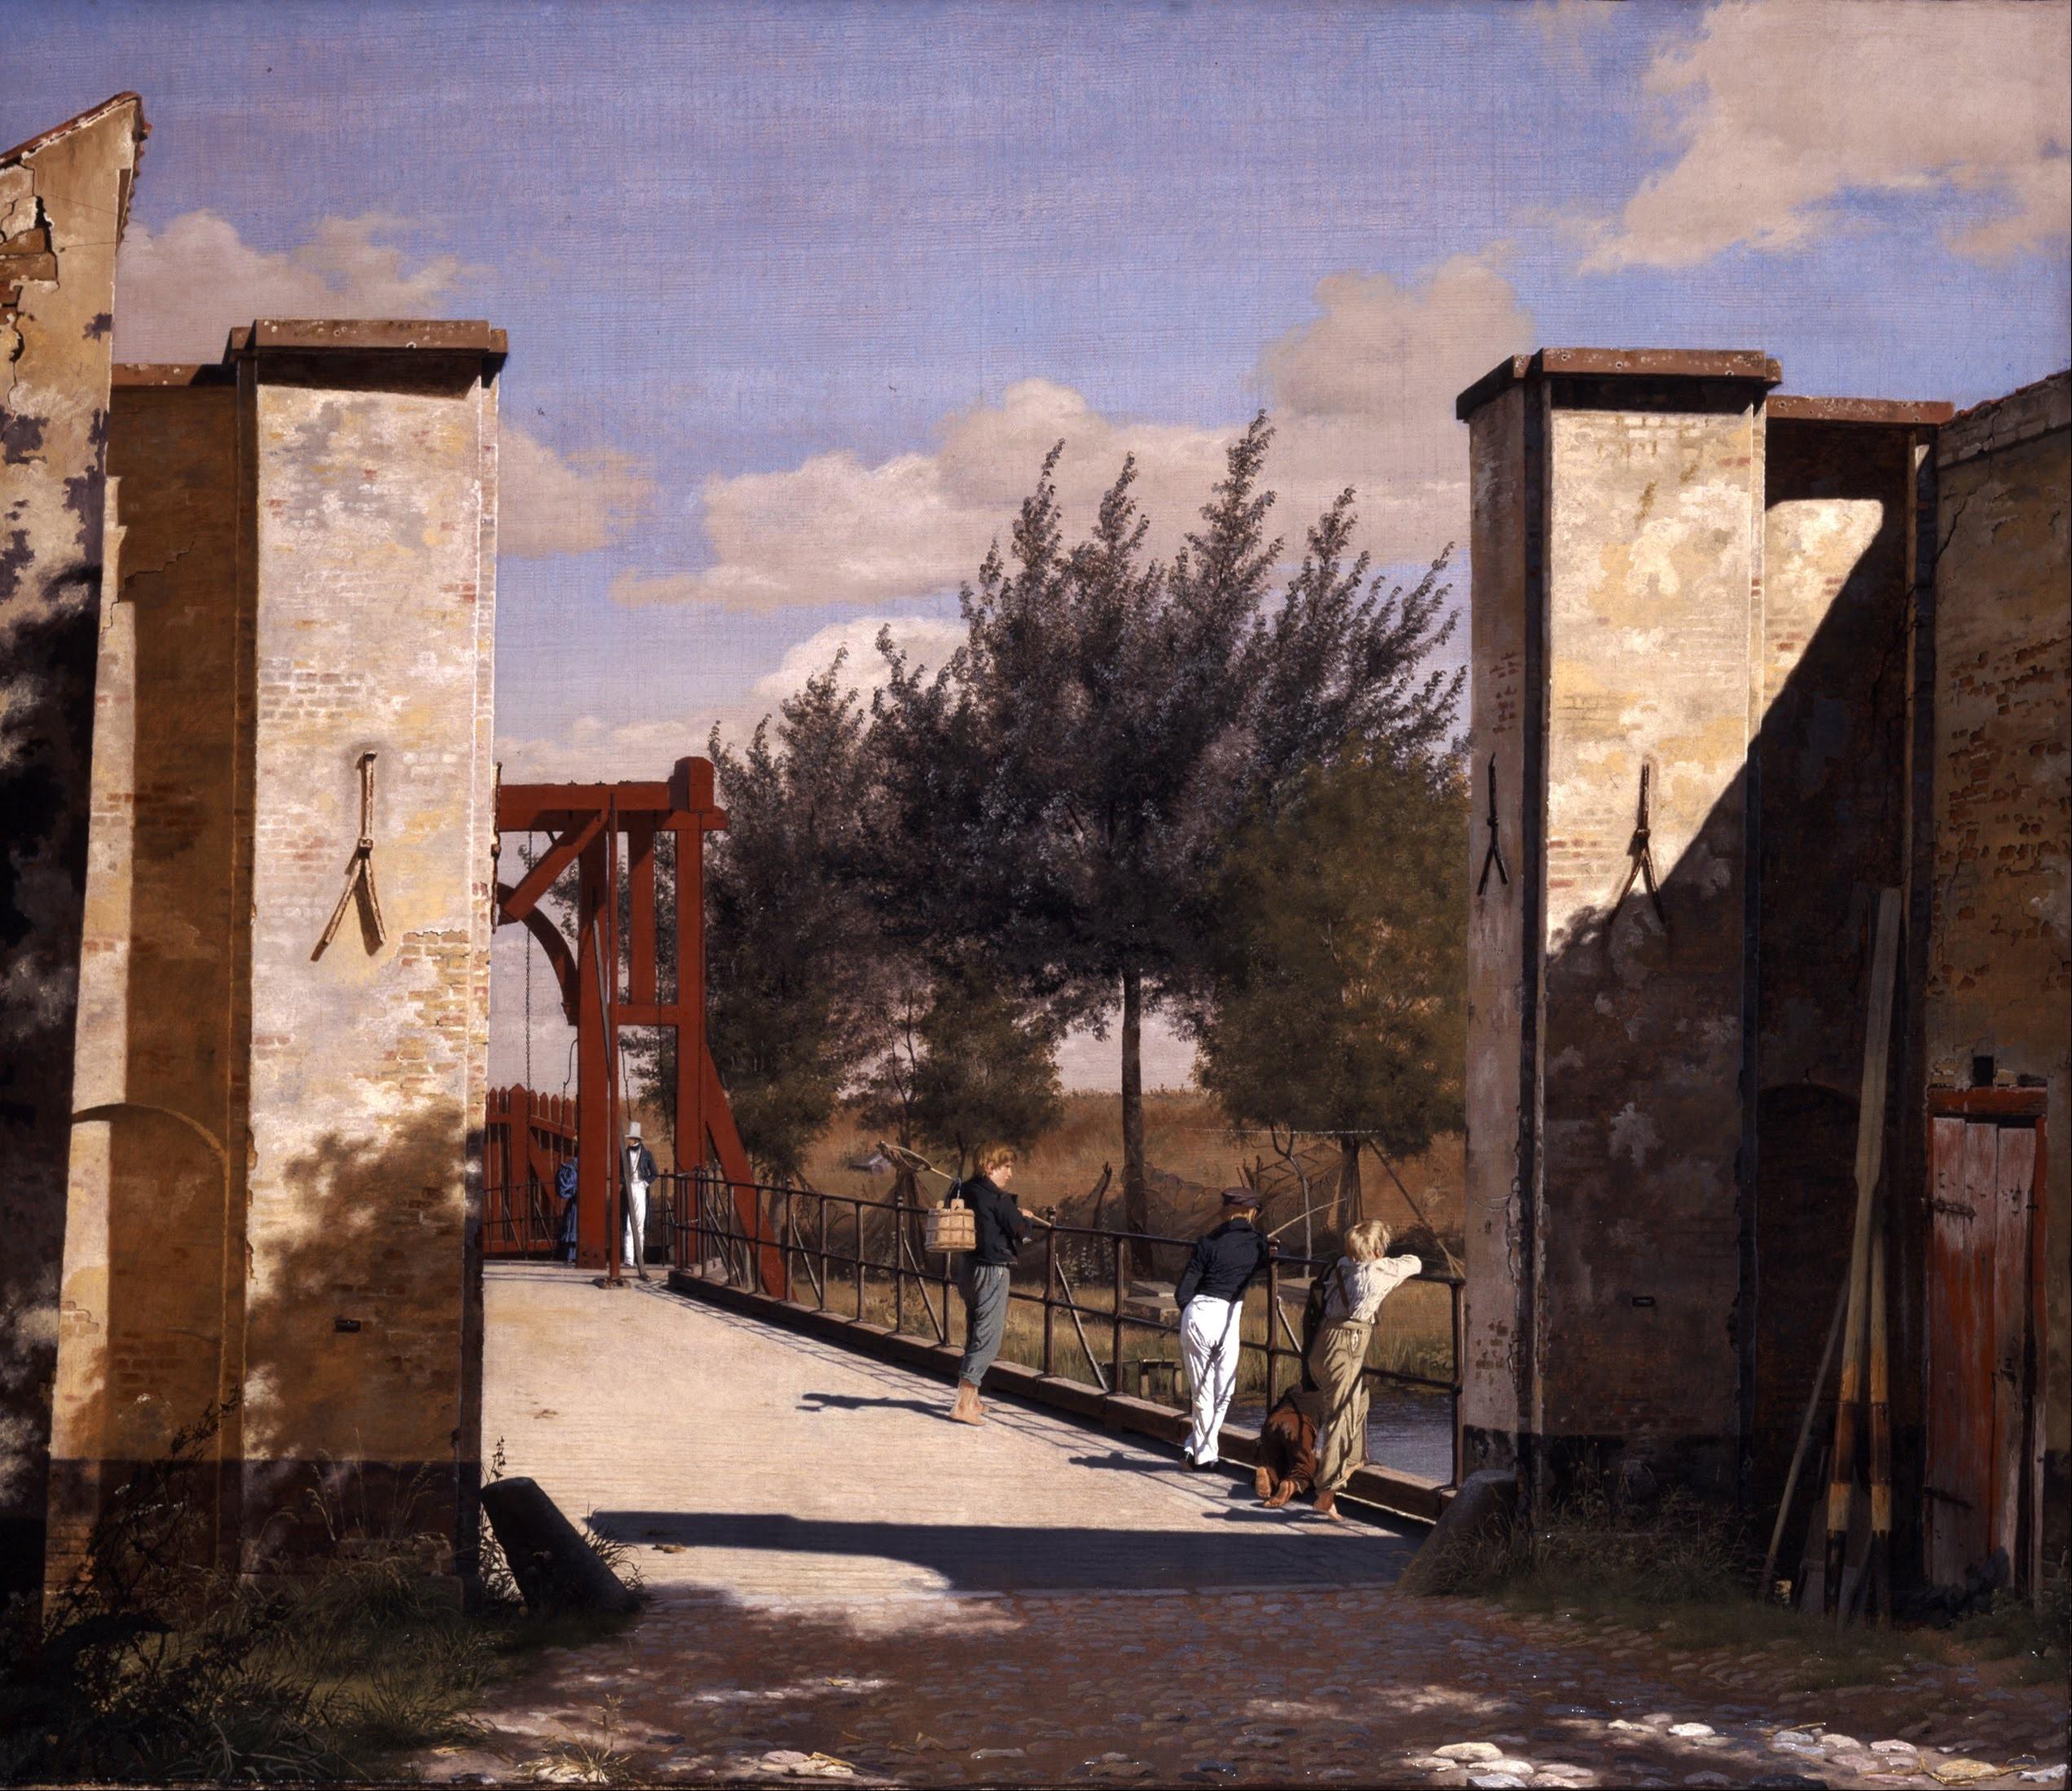 Christen Købke, Vue depuis la citadelle, côté nord, 1834 Huile sur toile, 79 x 93 cm, Ny Carlsberg Glyptotek.